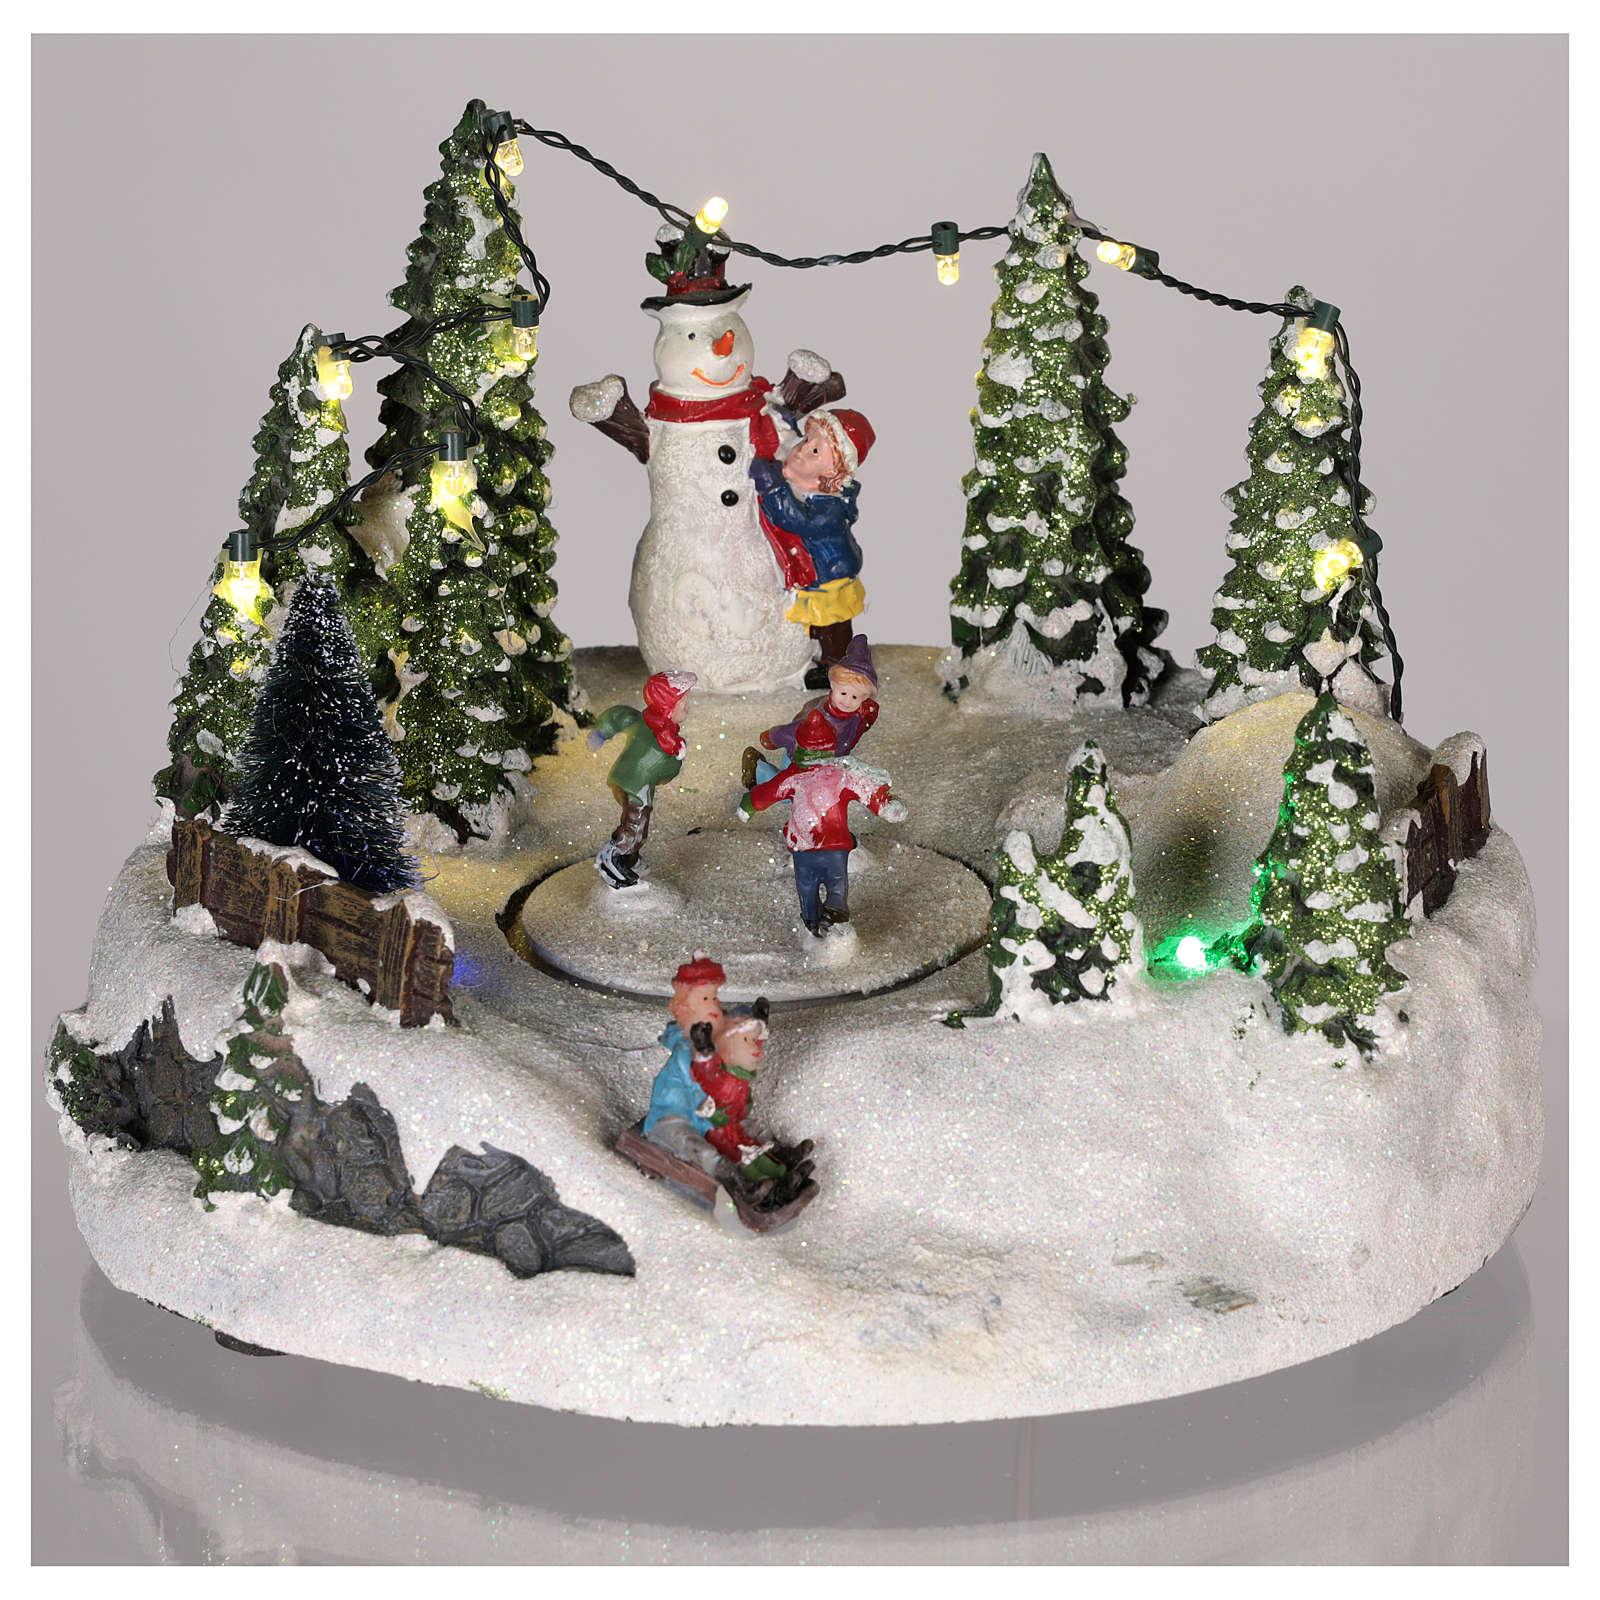 Scena per villaggio Natale: pista pattinaggio e pupazzo di neve 15x20 3